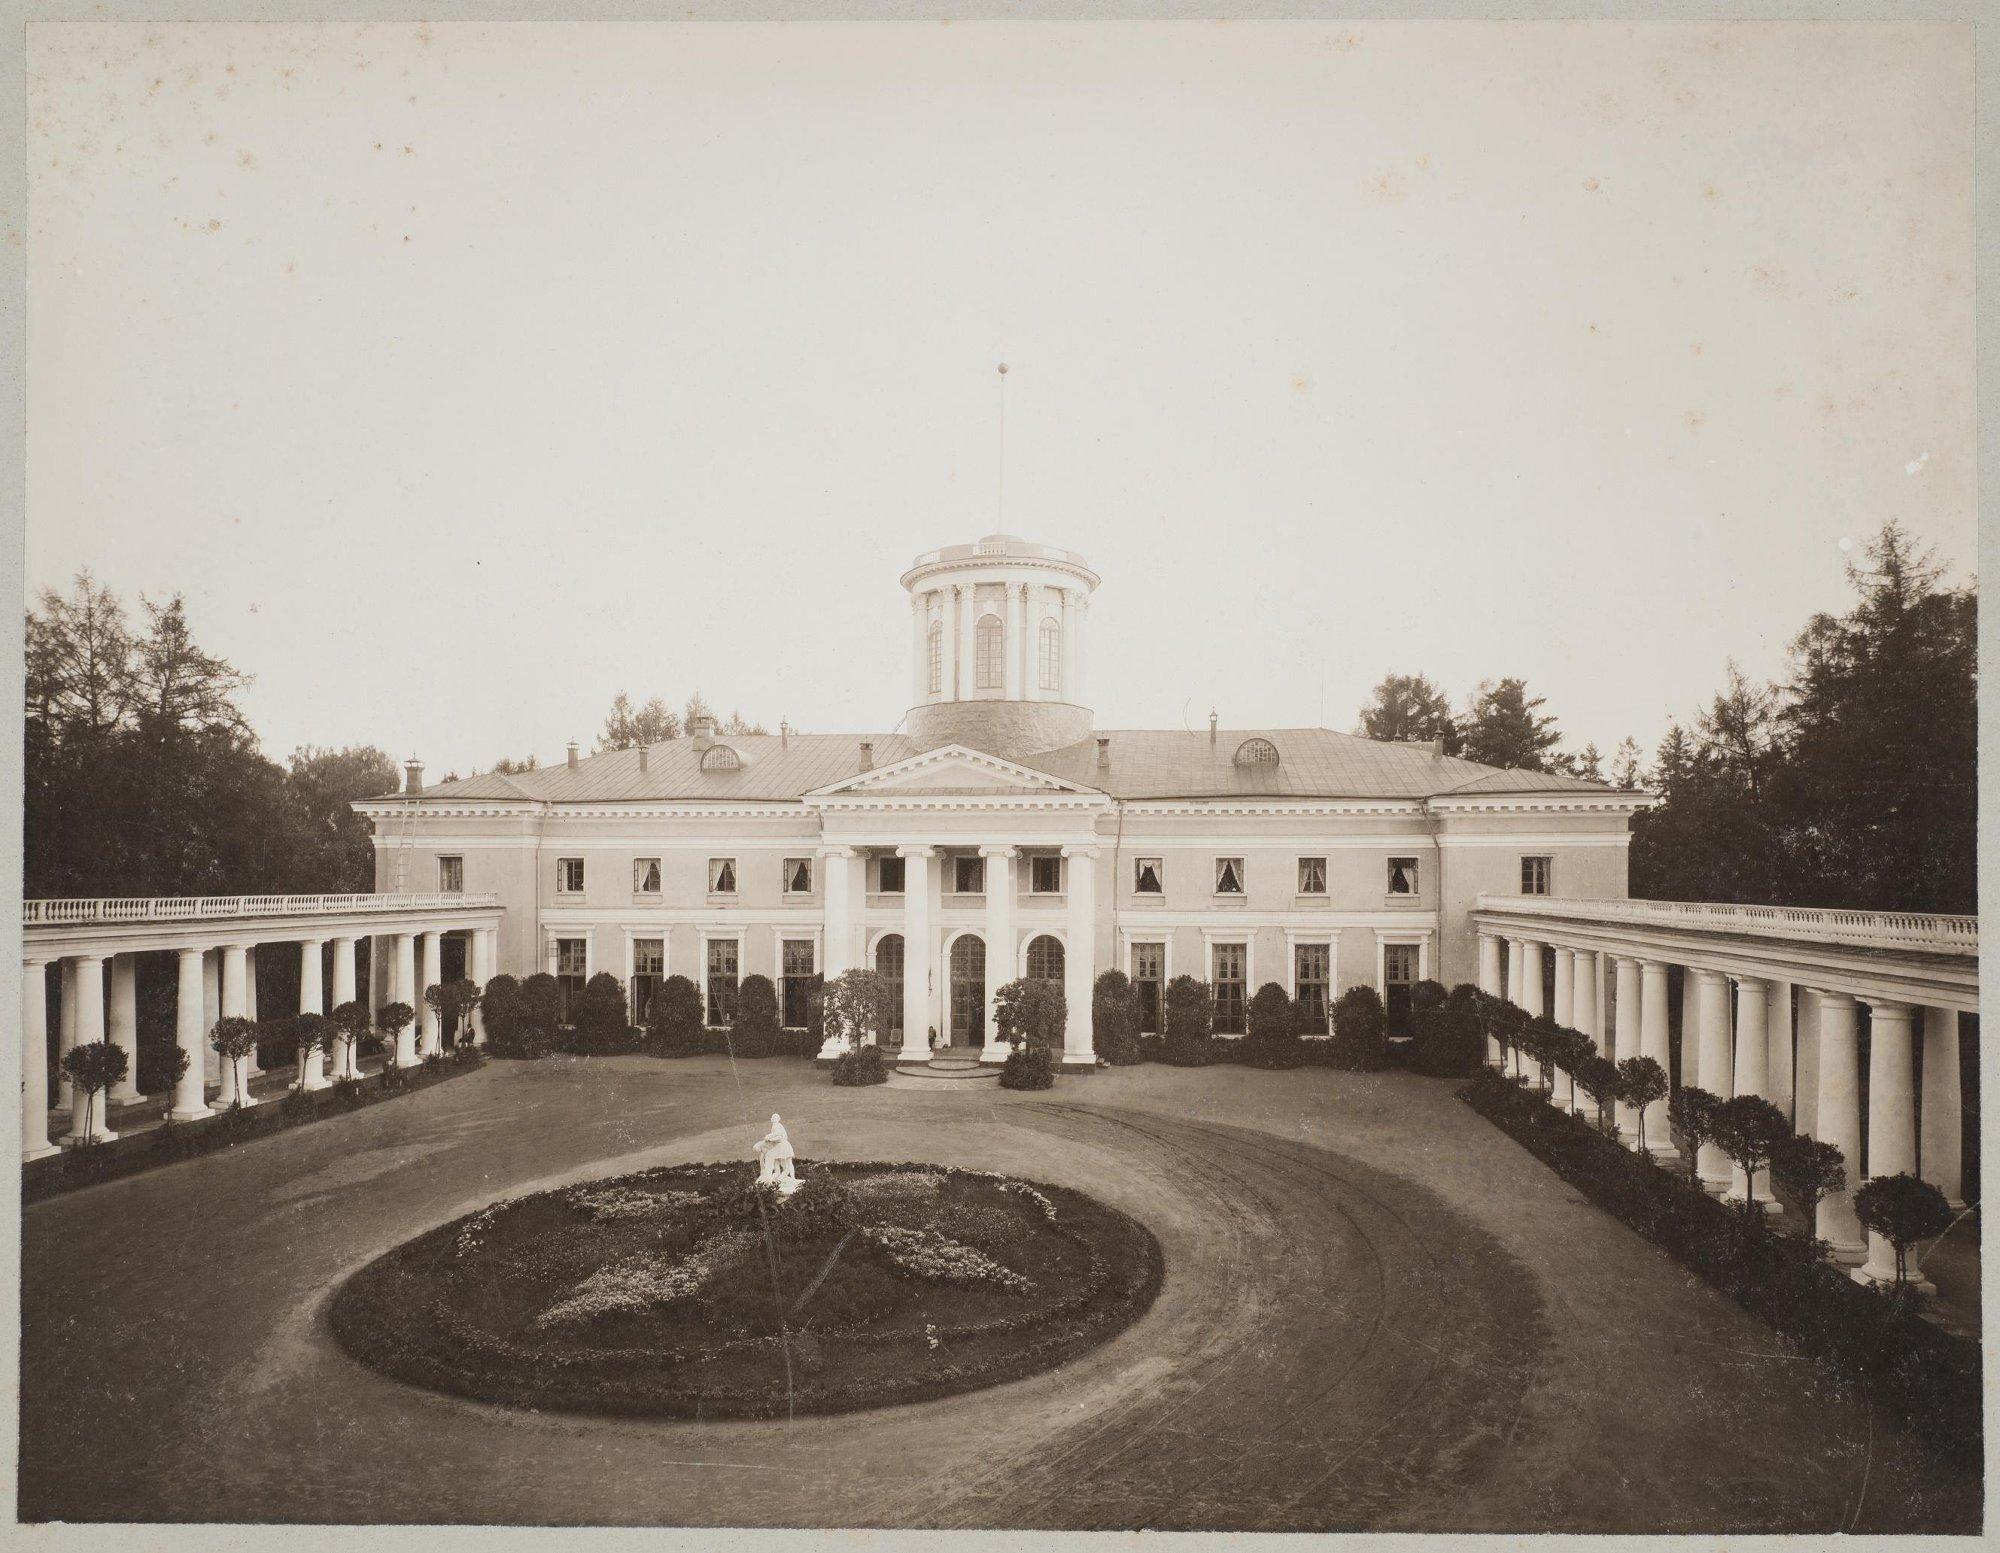 1904. Архангельское. Вид дворца и парадного двора